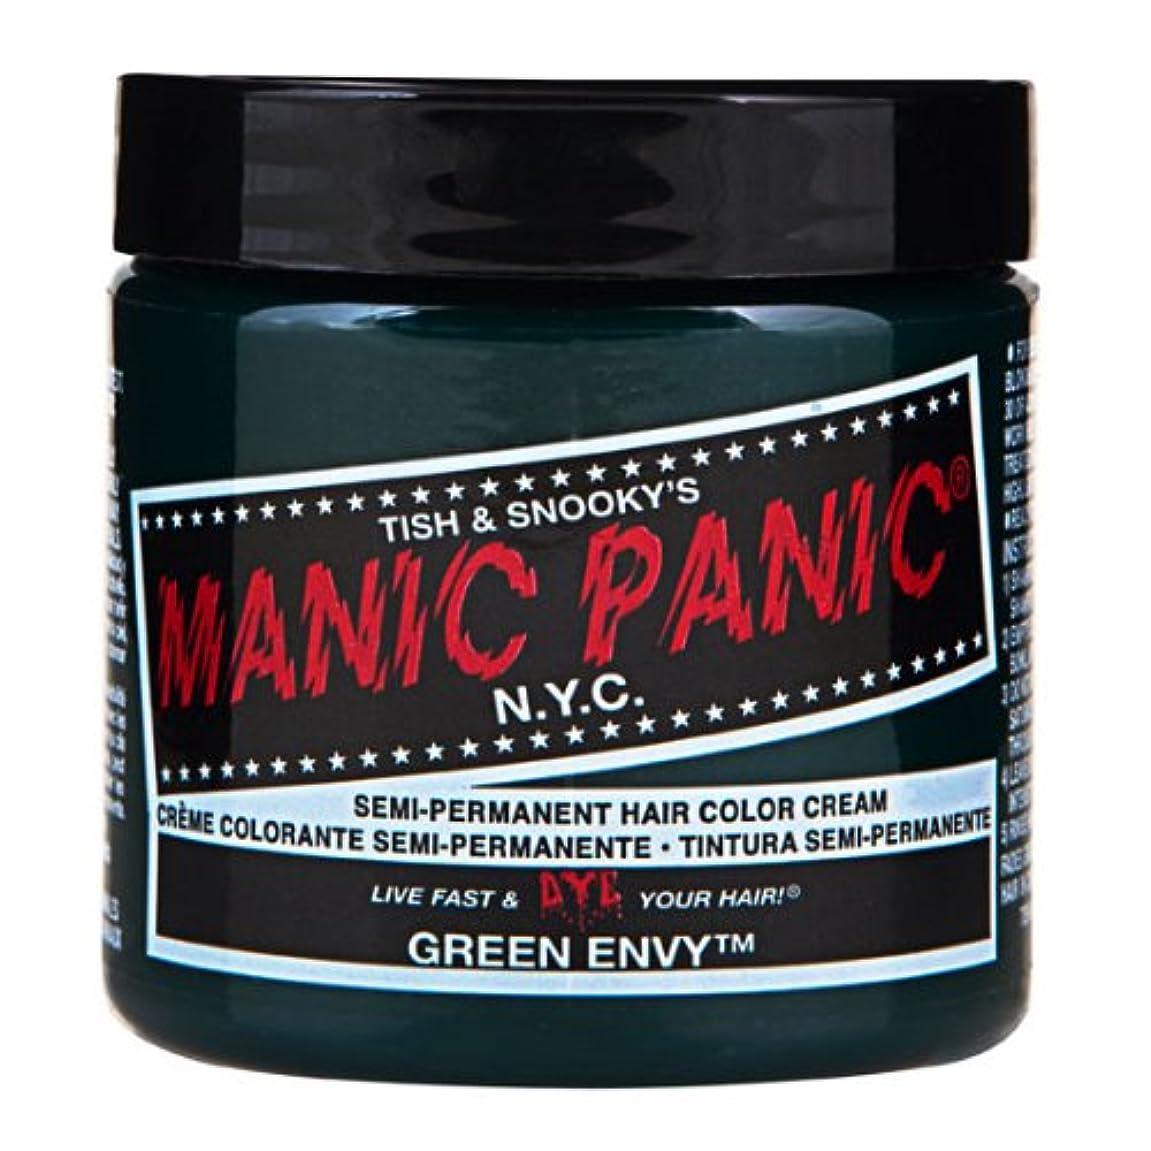 ゆりツール通訳スペシャルセットMANIC PANICマニックパニック:Green Envy (グリーンエンヴィ)+ヘアカラーケア4点セット